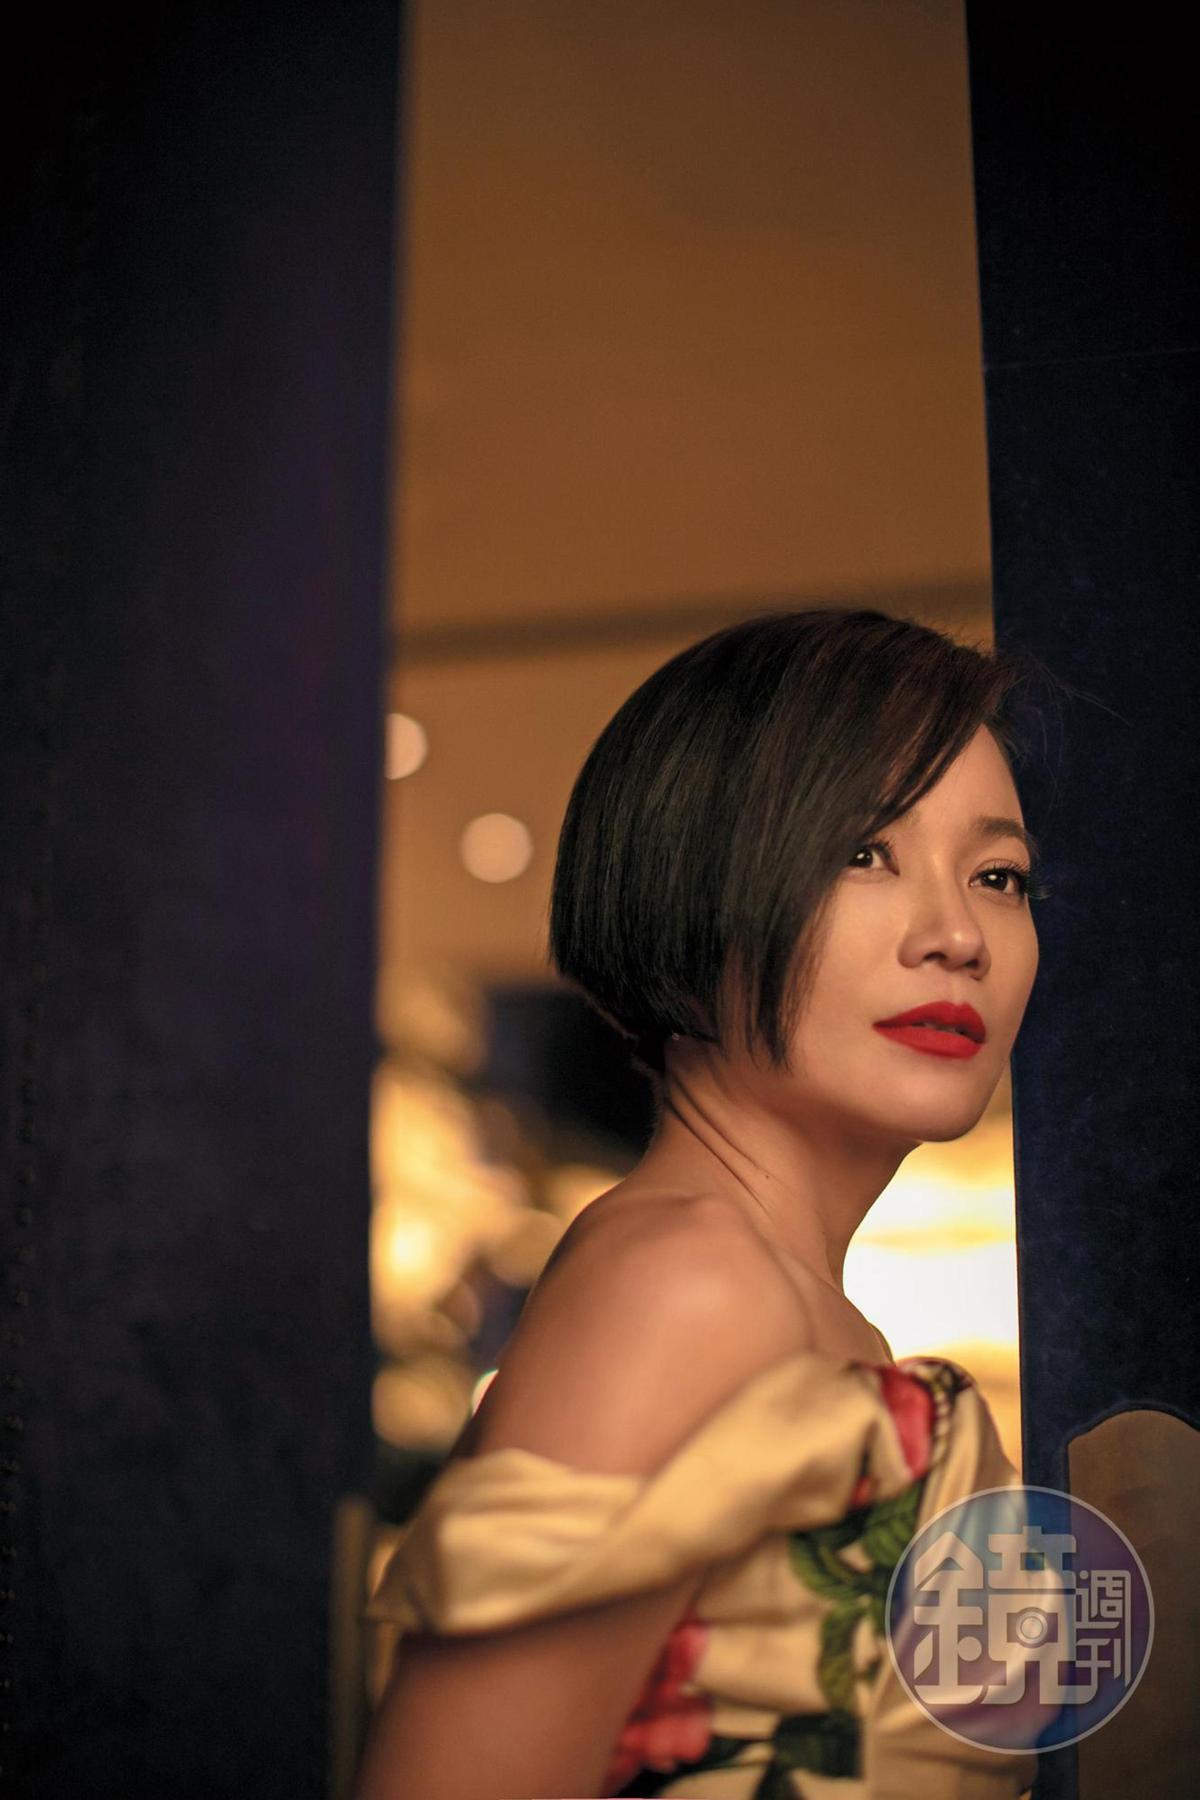 電影《爸媽不在家》 讓楊雁雁拿到金馬獎最佳女配角, 好像從此之後找她的角色, 也都要演媽, 「其實在我還沒當母親之前, 我已經演過很多媽。」